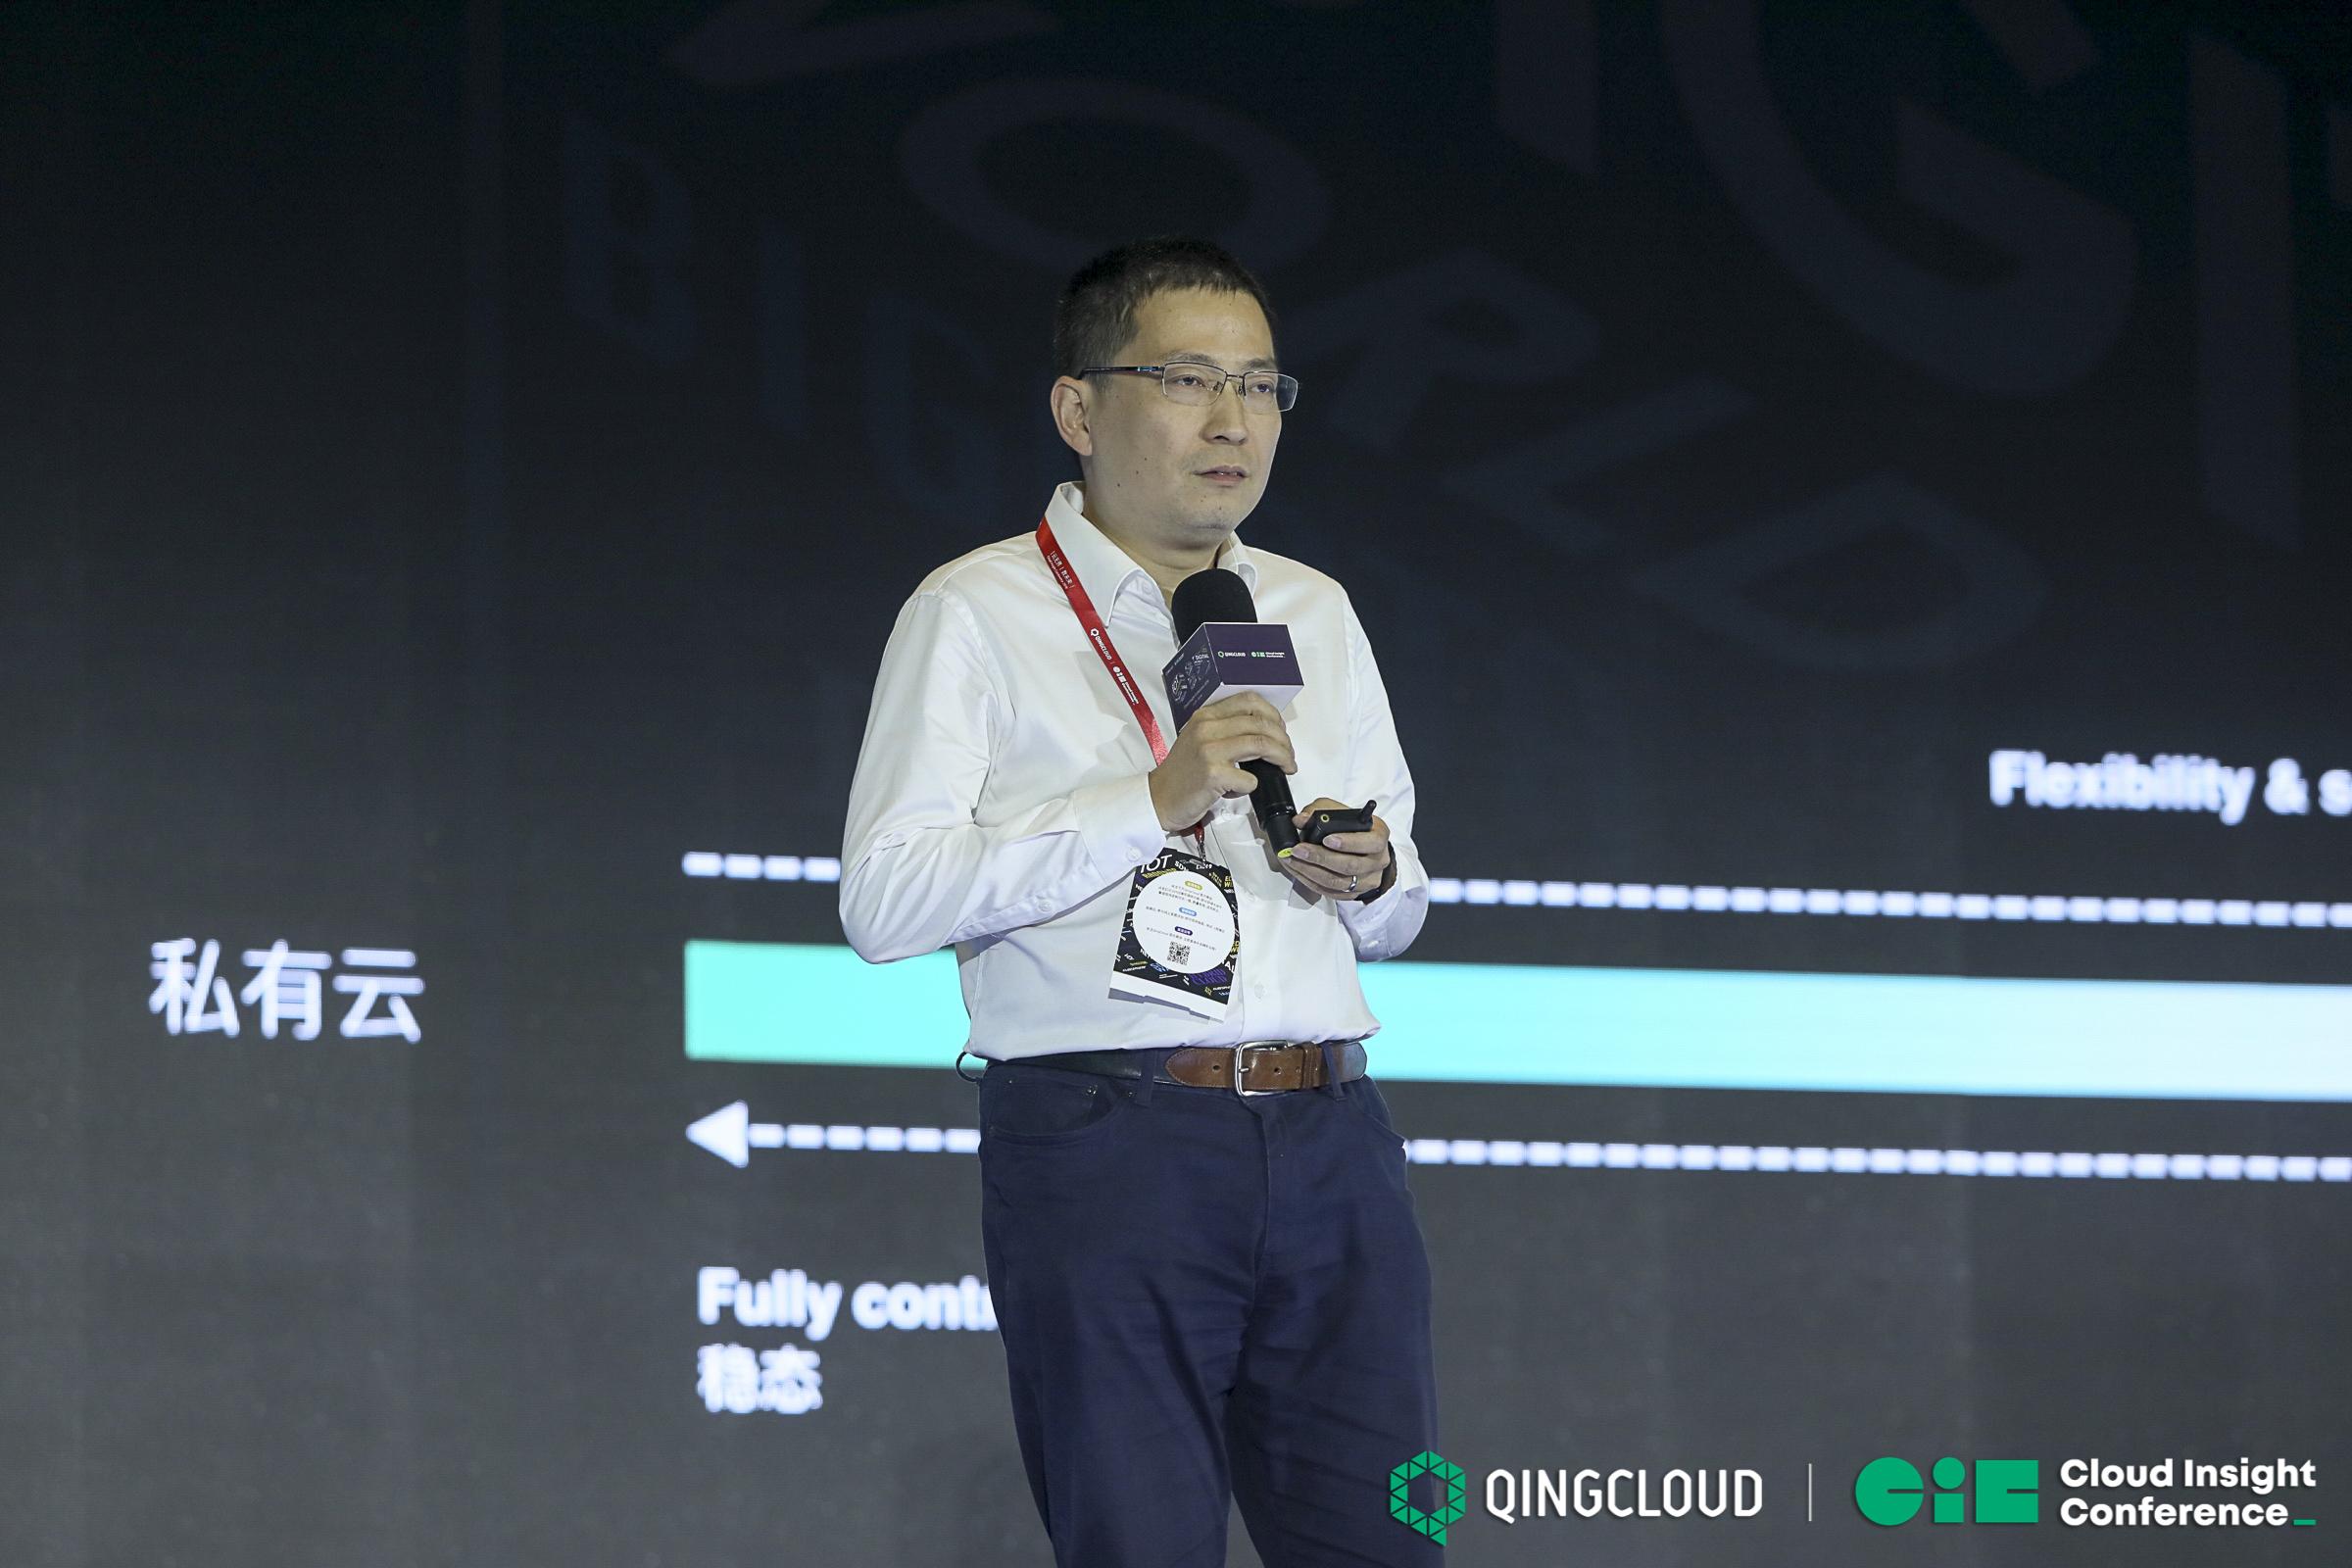 超级混合云白皮书权威发布 青云QingCloud混合云战略全面升级